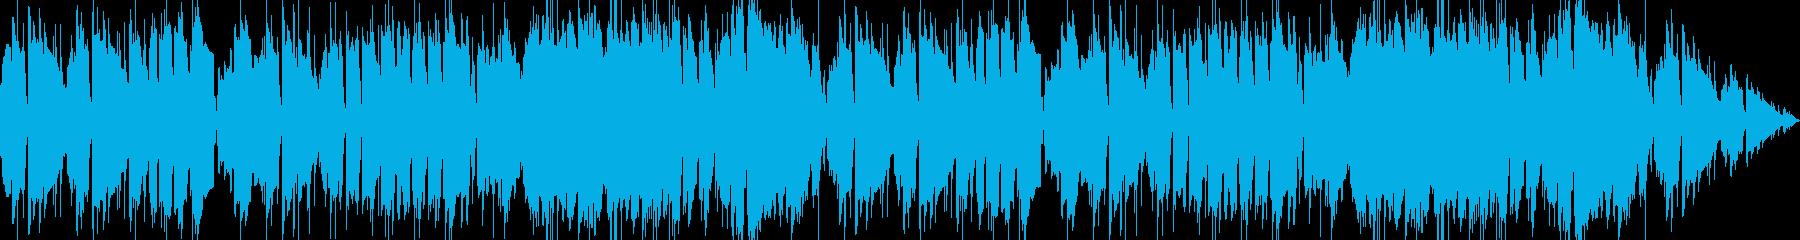 明るい雰囲気で楽しいBGMの再生済みの波形